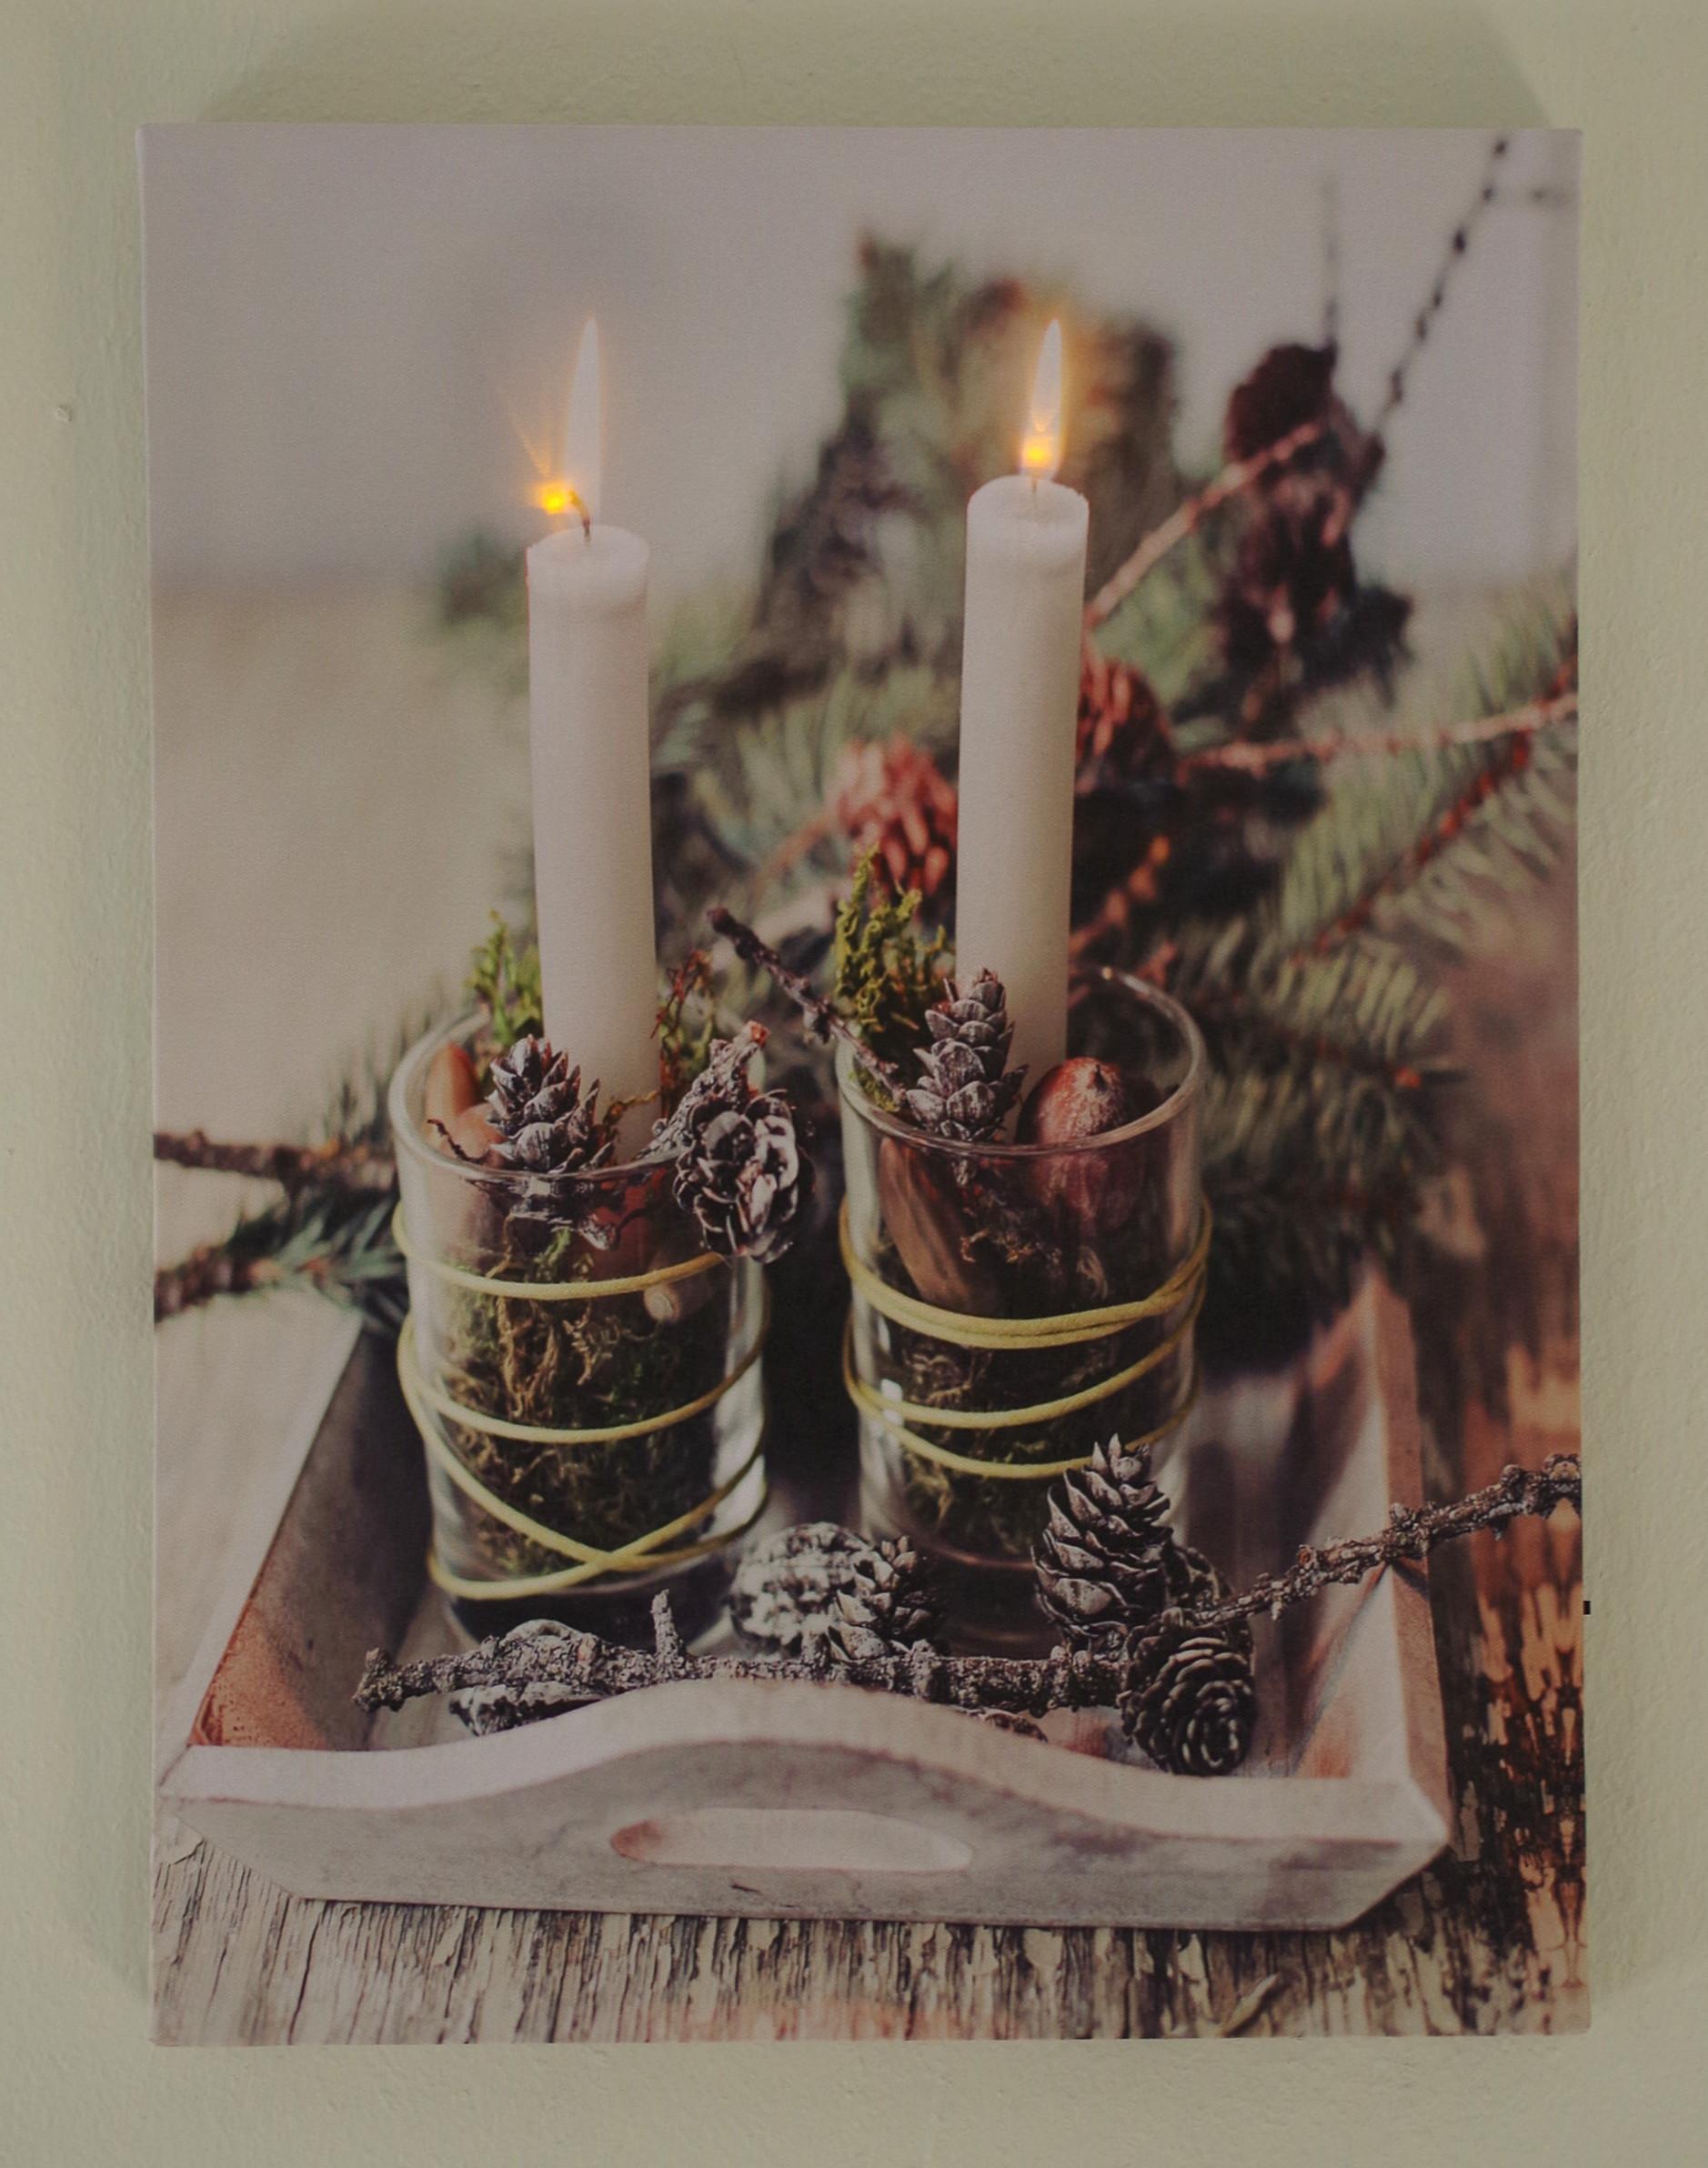 3er-Set-Bild-1 Stilvolle Warum Flackern Kerzen Im Glas Dekorationen